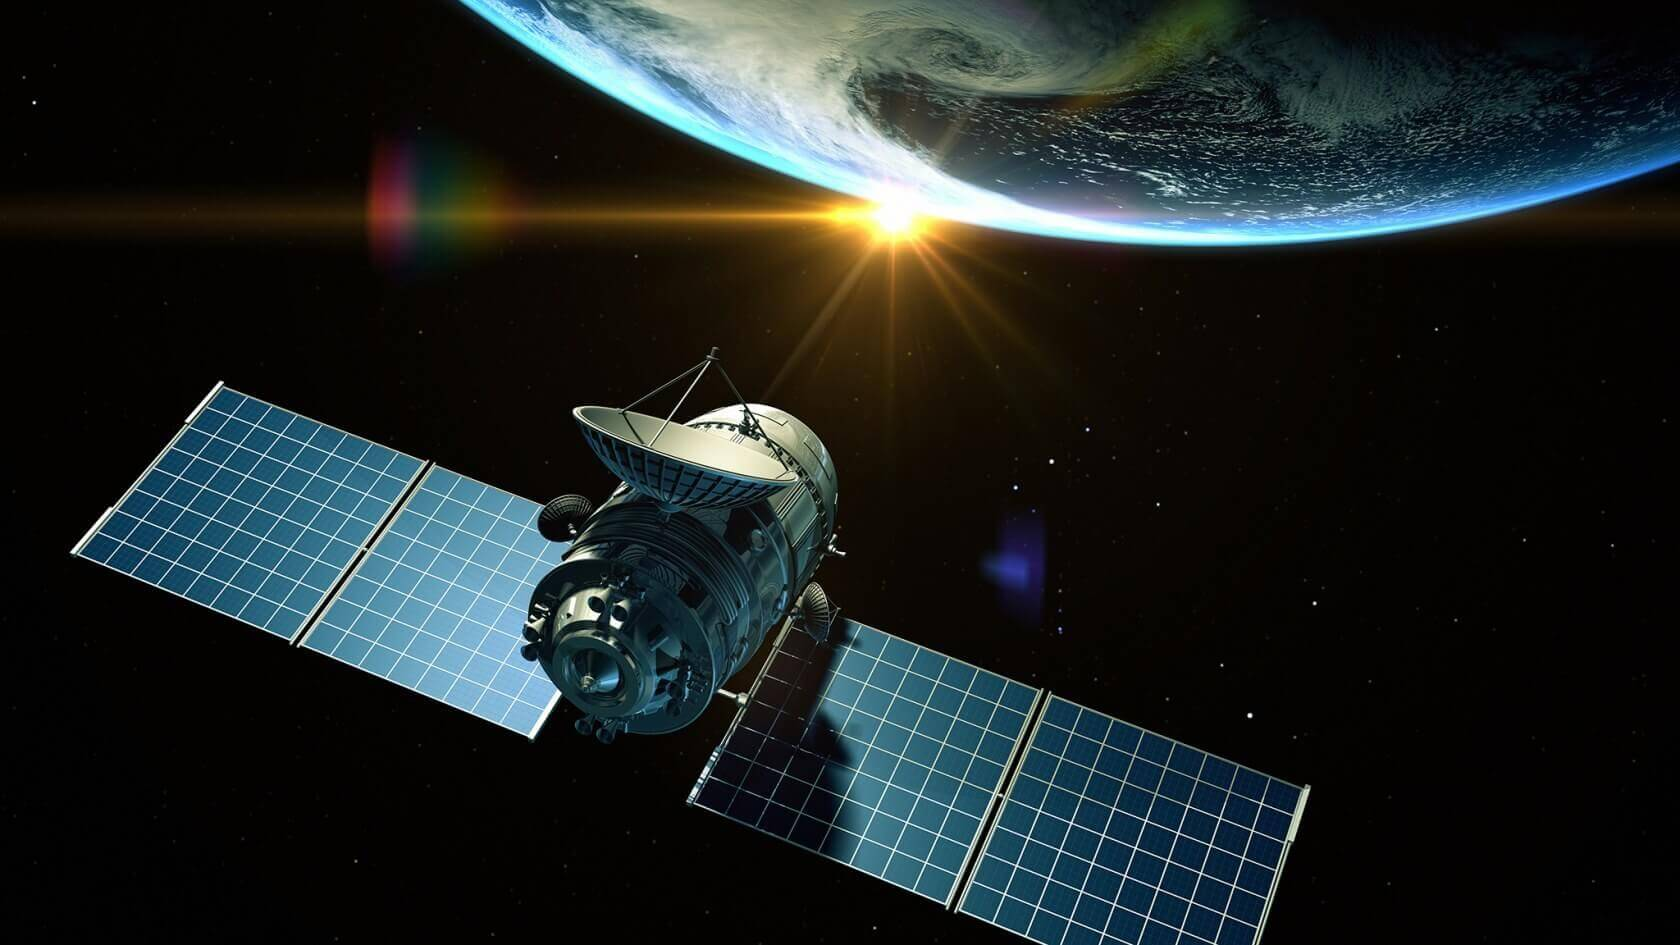 SpaceX hoàn thành lần phóng thứ tư thành công cho dịch vụ internet dựa trên vệ tinh 'Starlink' 1